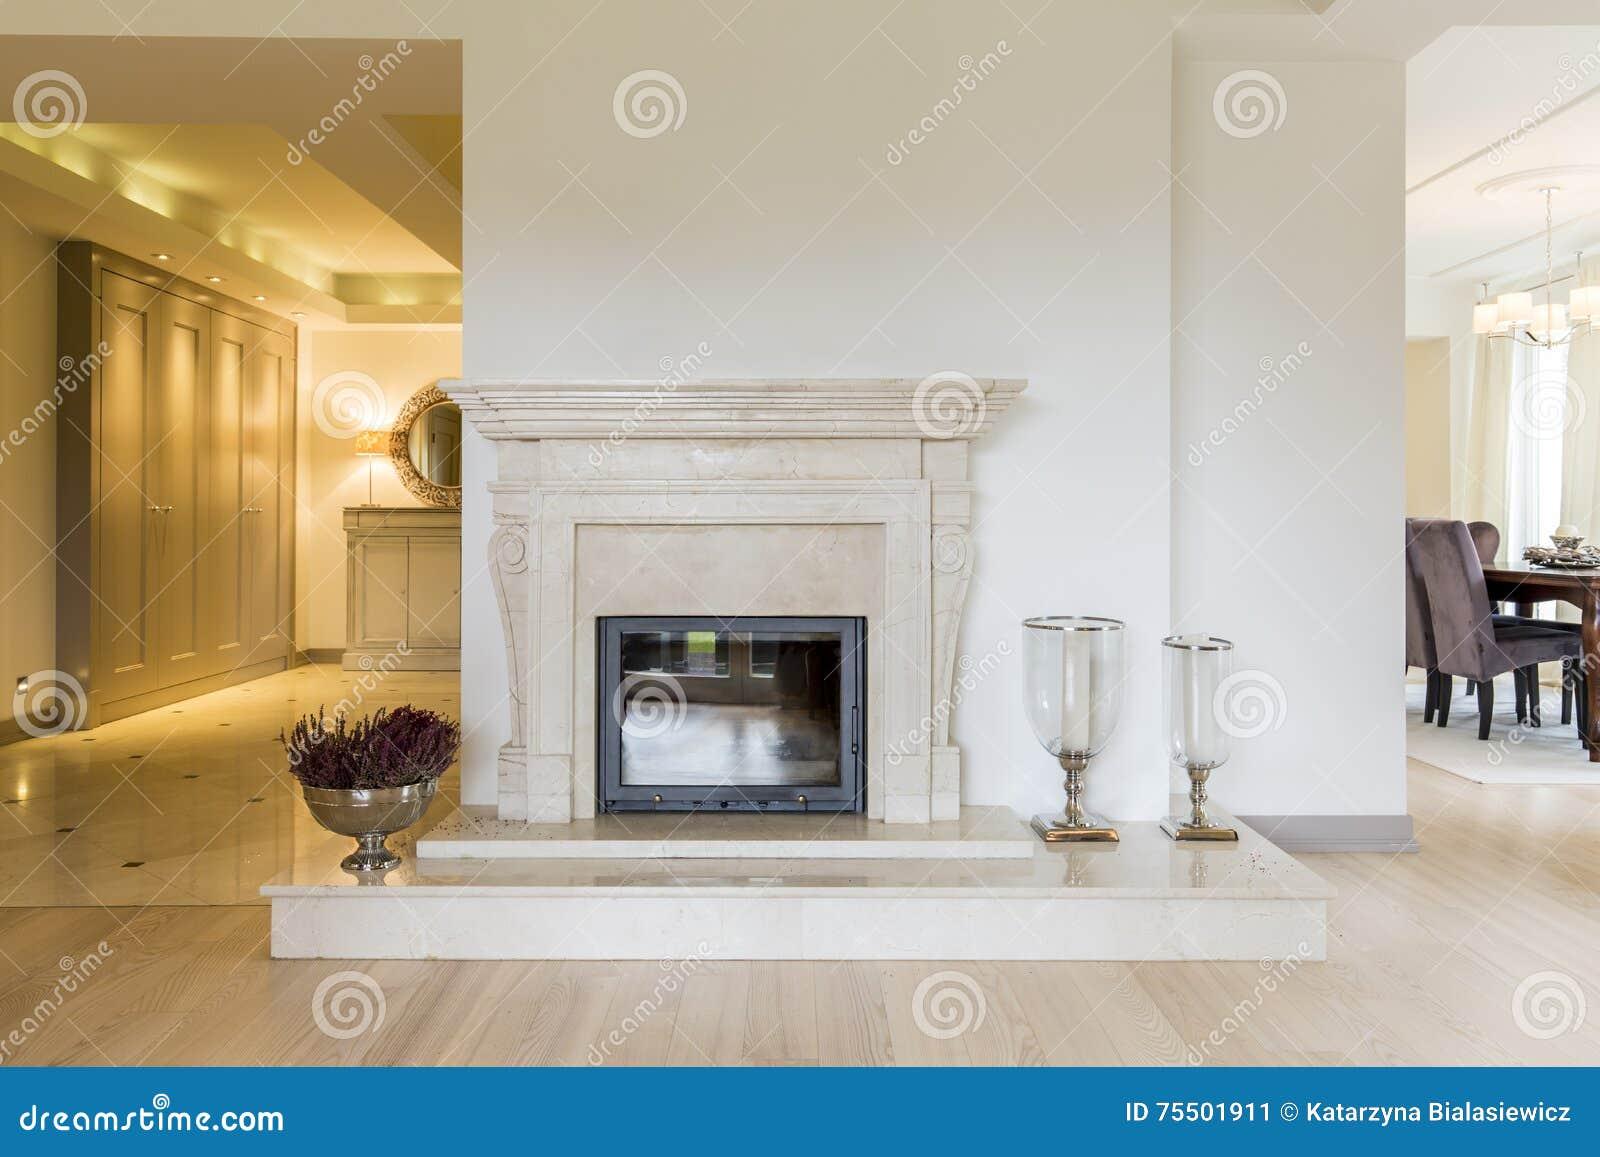 Camino Classico In Marmo bellezza classica di una mensola del camino modellata marmo